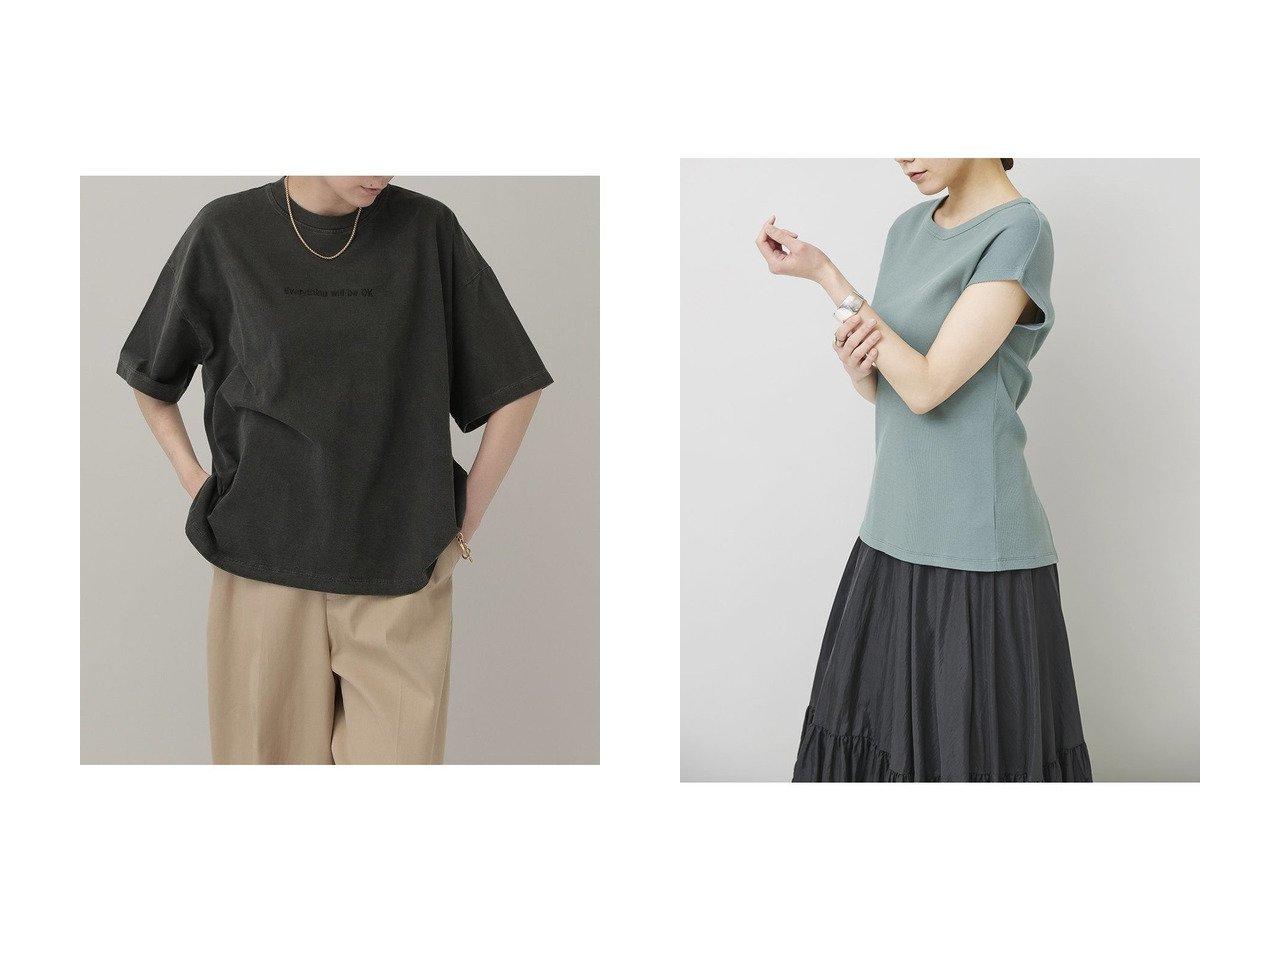 【Curensology/カレンソロジー】のwill be OK Tシャツ&バックスリットTシャツ 【トップス・カットソー】おすすめ!人気、トレンド・レディースファッションの通販  おすすめで人気の流行・トレンド、ファッションの通販商品 インテリア・家具・メンズファッション・キッズファッション・レディースファッション・服の通販 founy(ファニー) https://founy.com/ ファッション Fashion レディースファッション WOMEN トップス・カットソー Tops/Tshirt シャツ/ブラウス Shirts/Blouses ロング / Tシャツ T-Shirts カットソー Cut and Sewn インナー カットソー ショート シンプル スリット スリーブ バランス ヴィンテージ 夏 Summer ボックス  ID:crp329100000049295